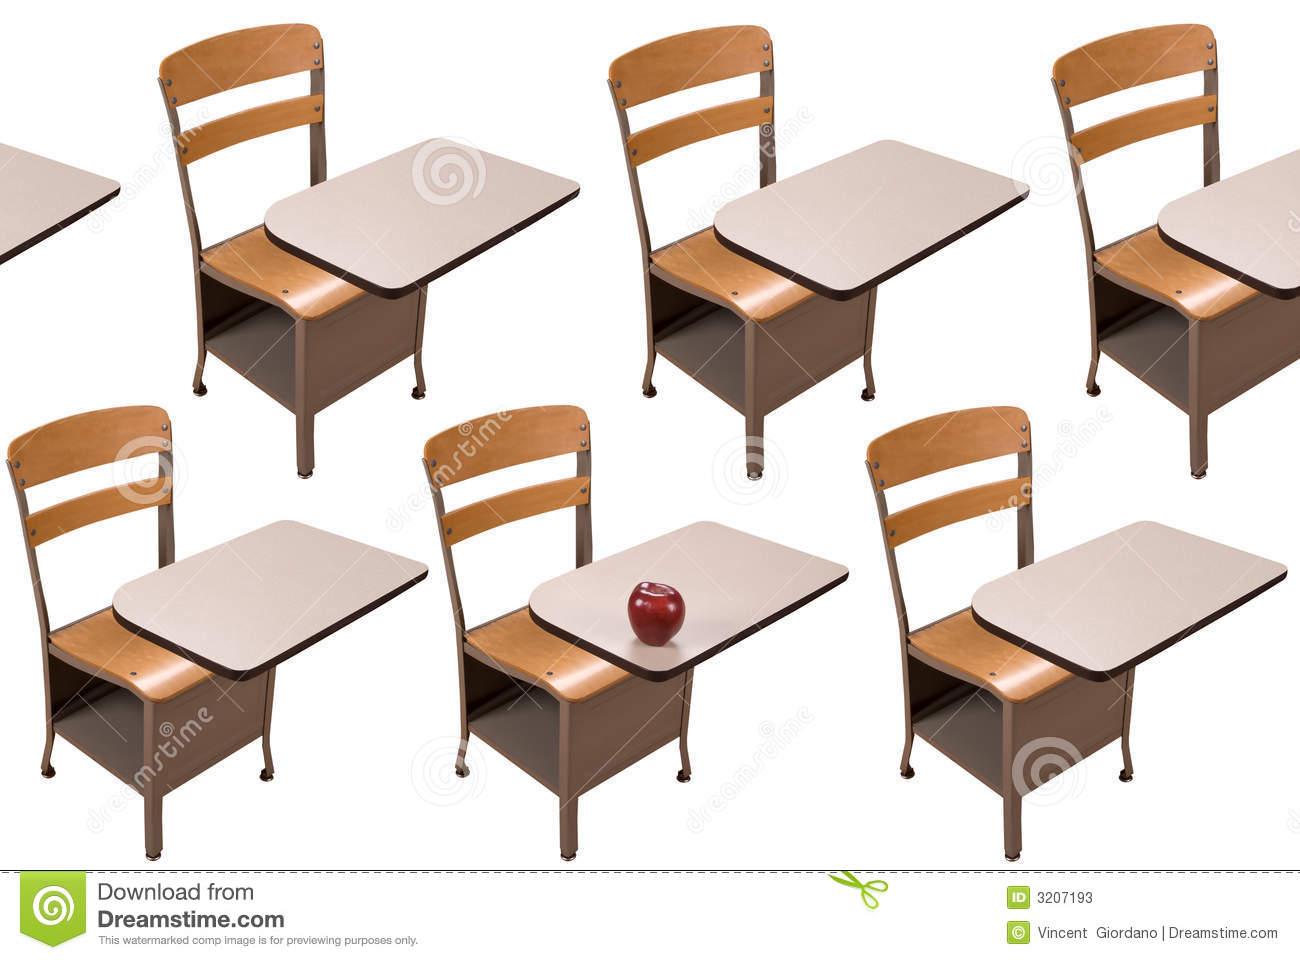 Desks clipart.